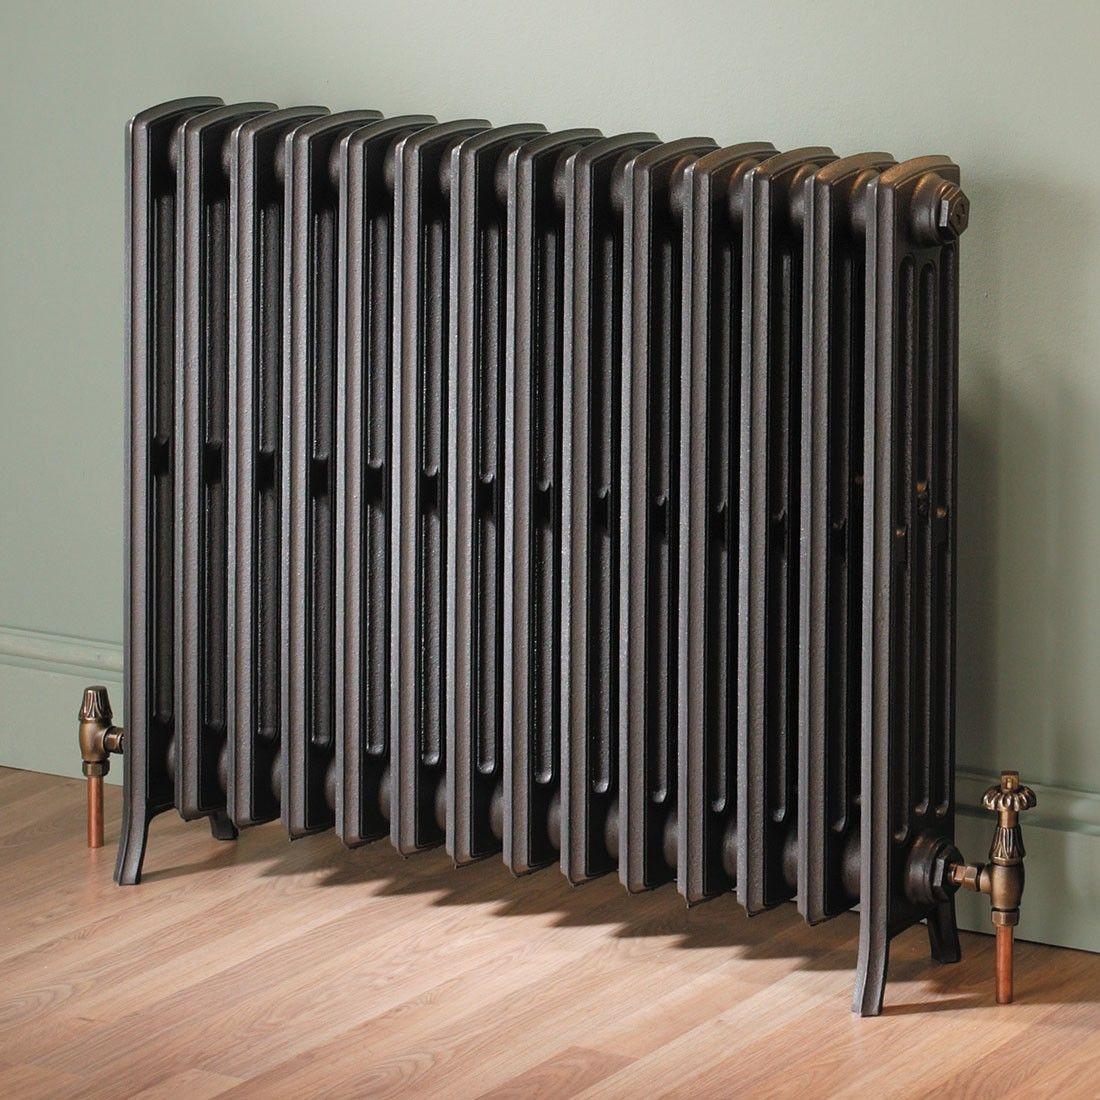 radiatoren - Google zoeken